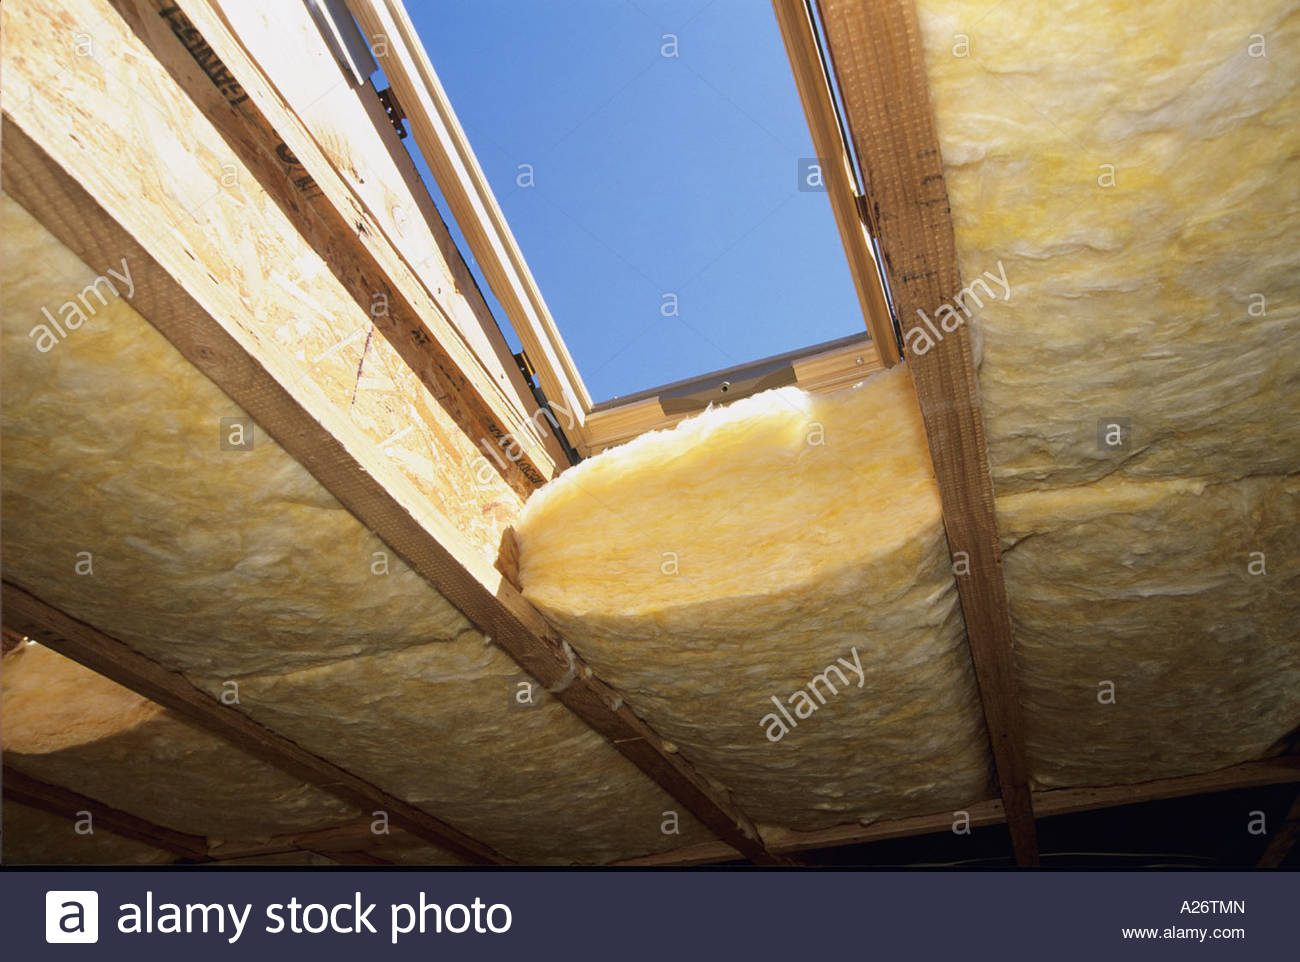 R38 Glasfaserisolierungen Installation Dach im neuen Loft-Stil Haus im Bau Stockbild